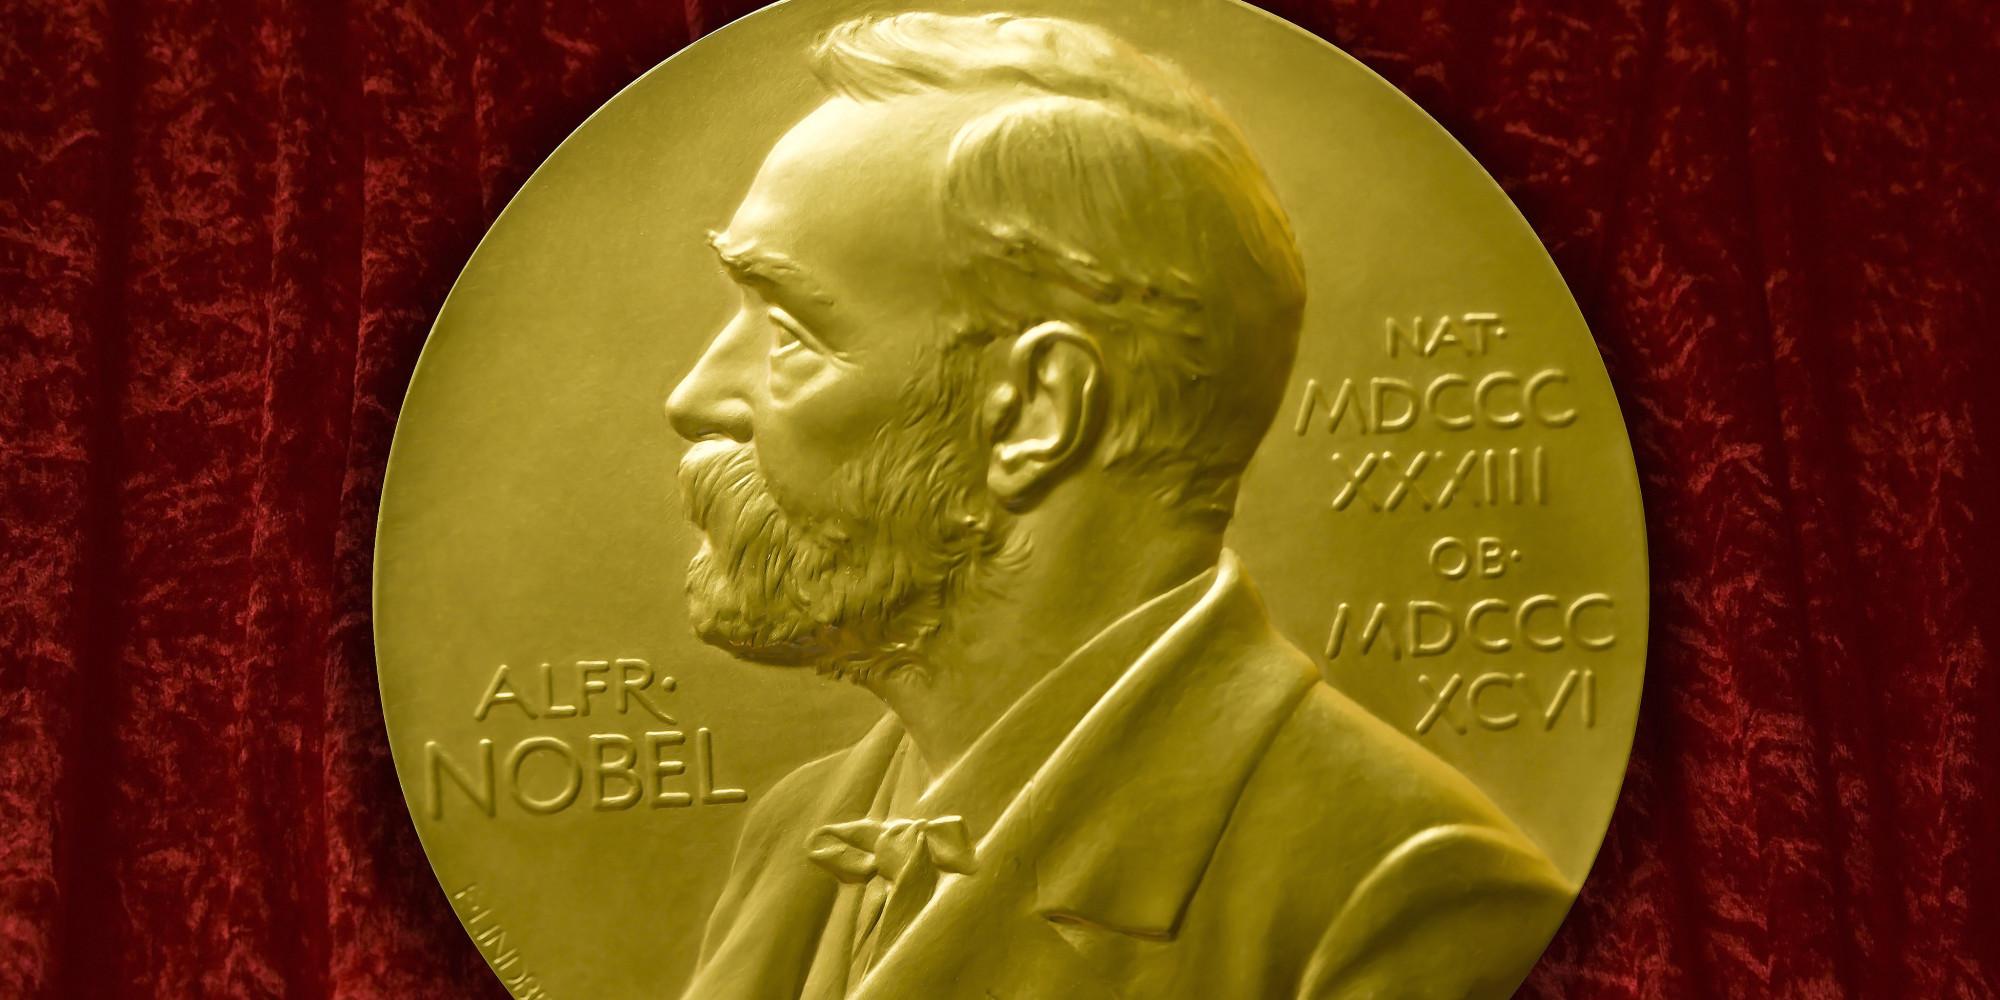 Helgfrågan v 40: Vad tycker du om valet av Nobelpristagare?